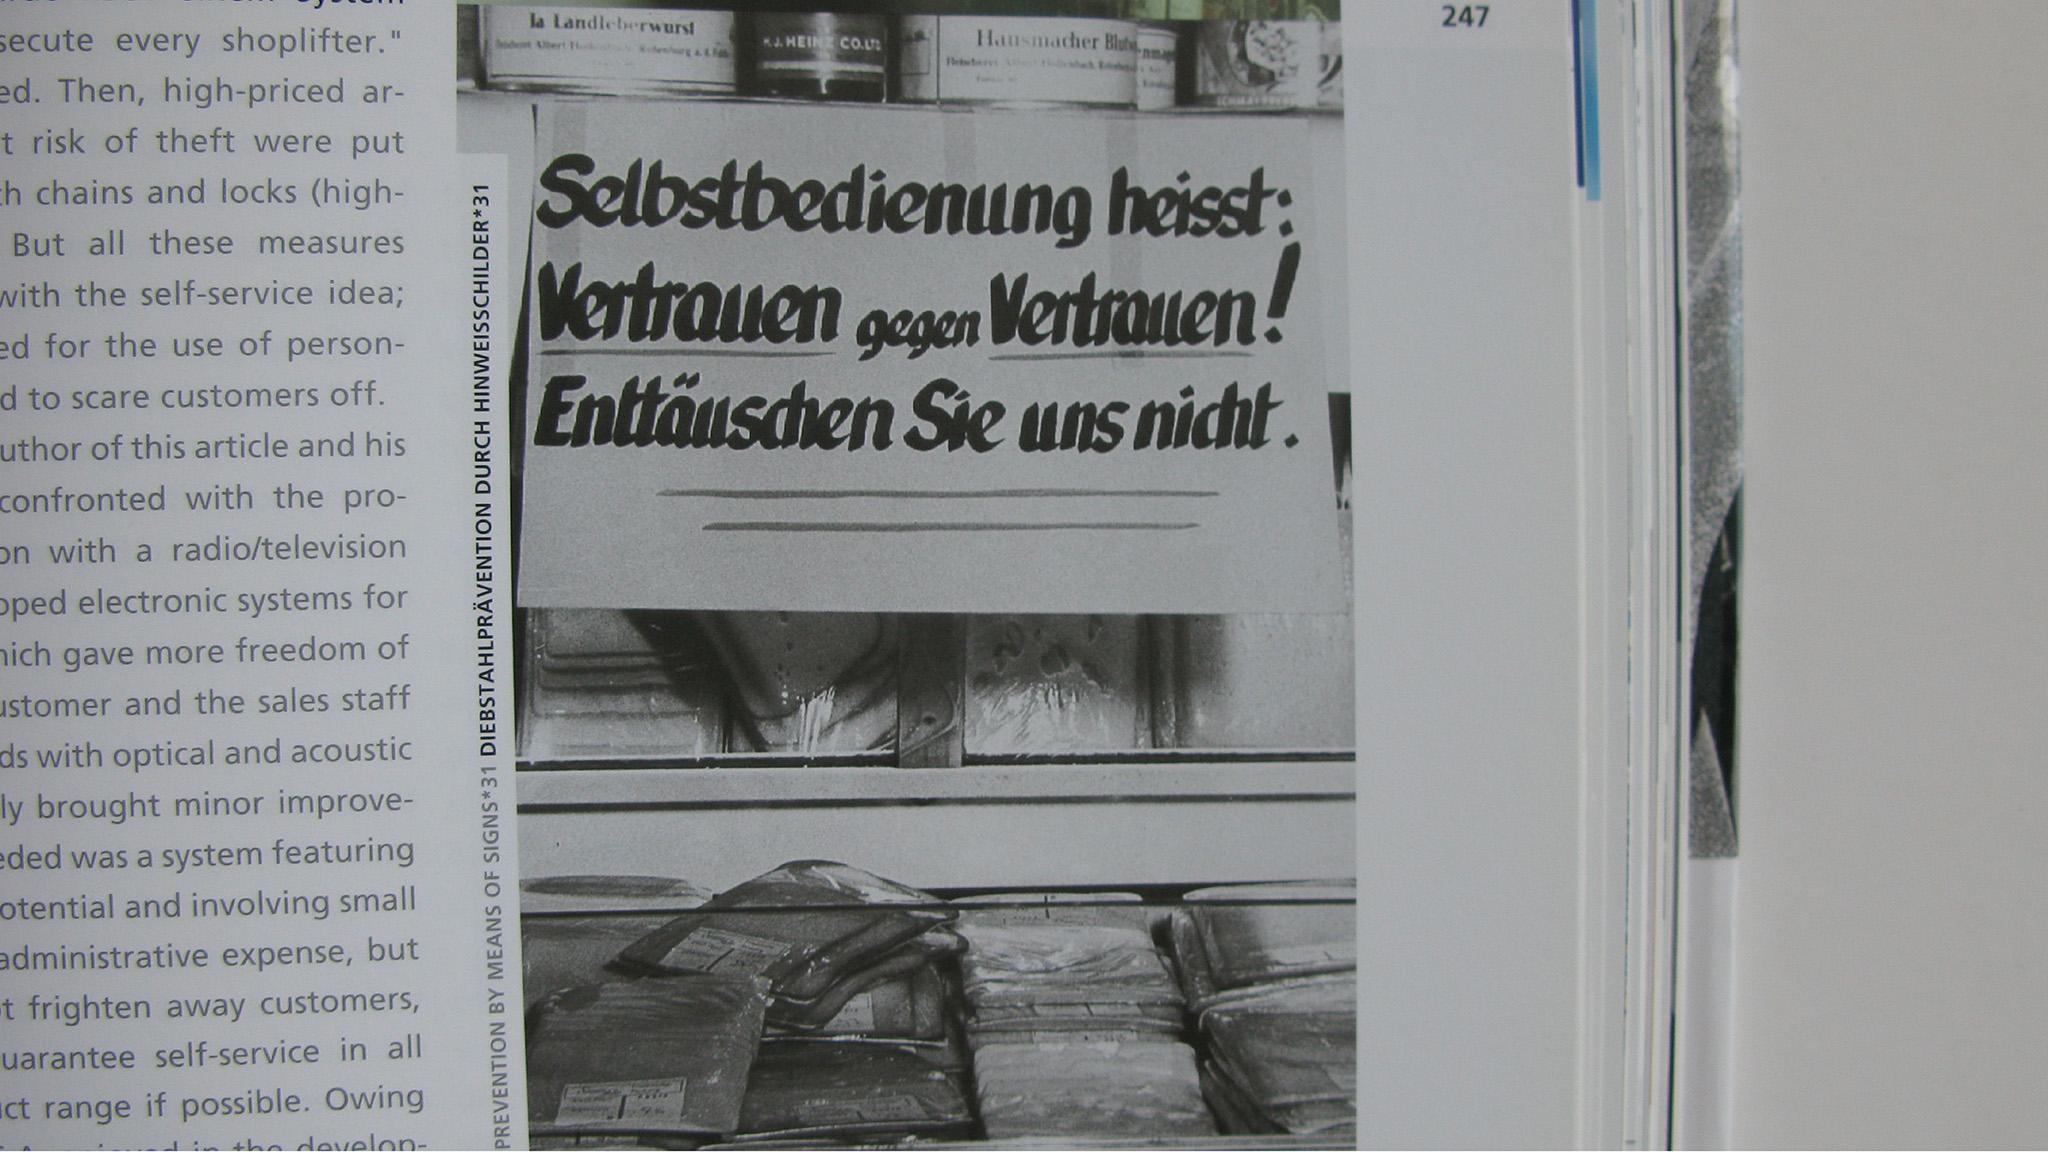 EuroShop-Buch 2048x1152px5